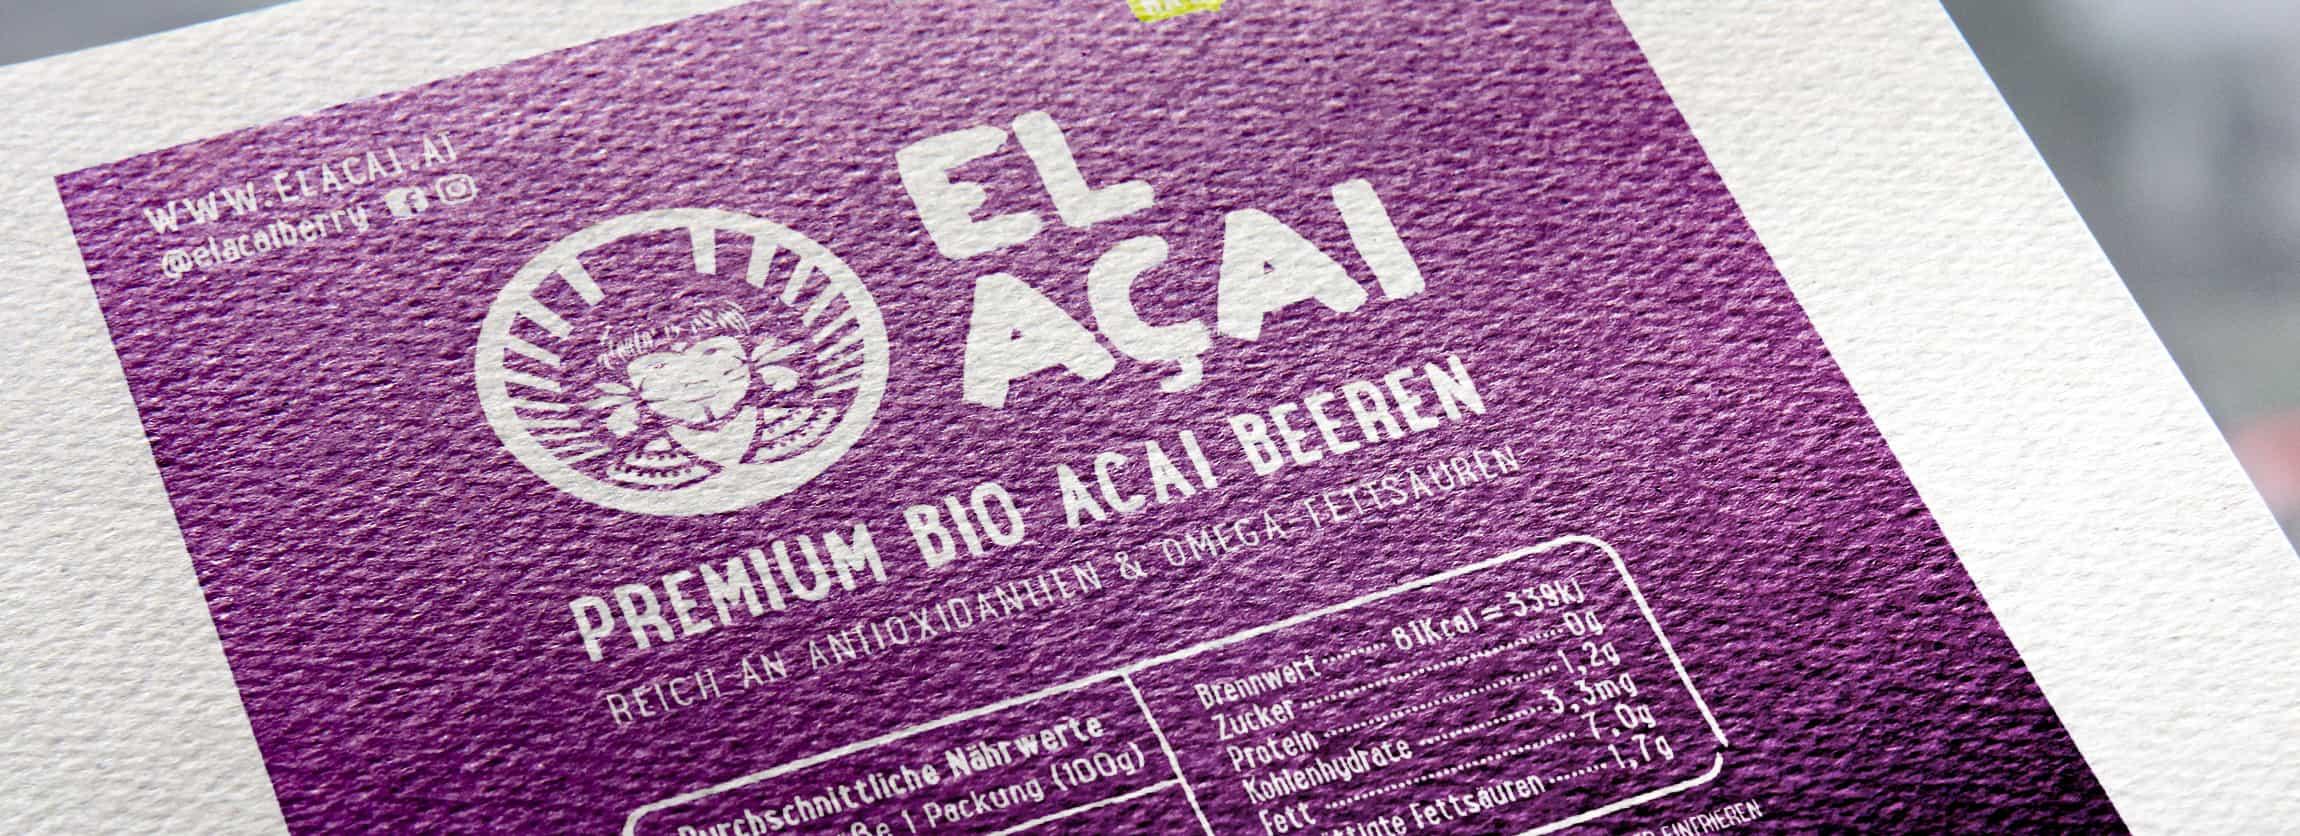 El Acai Print Mockup